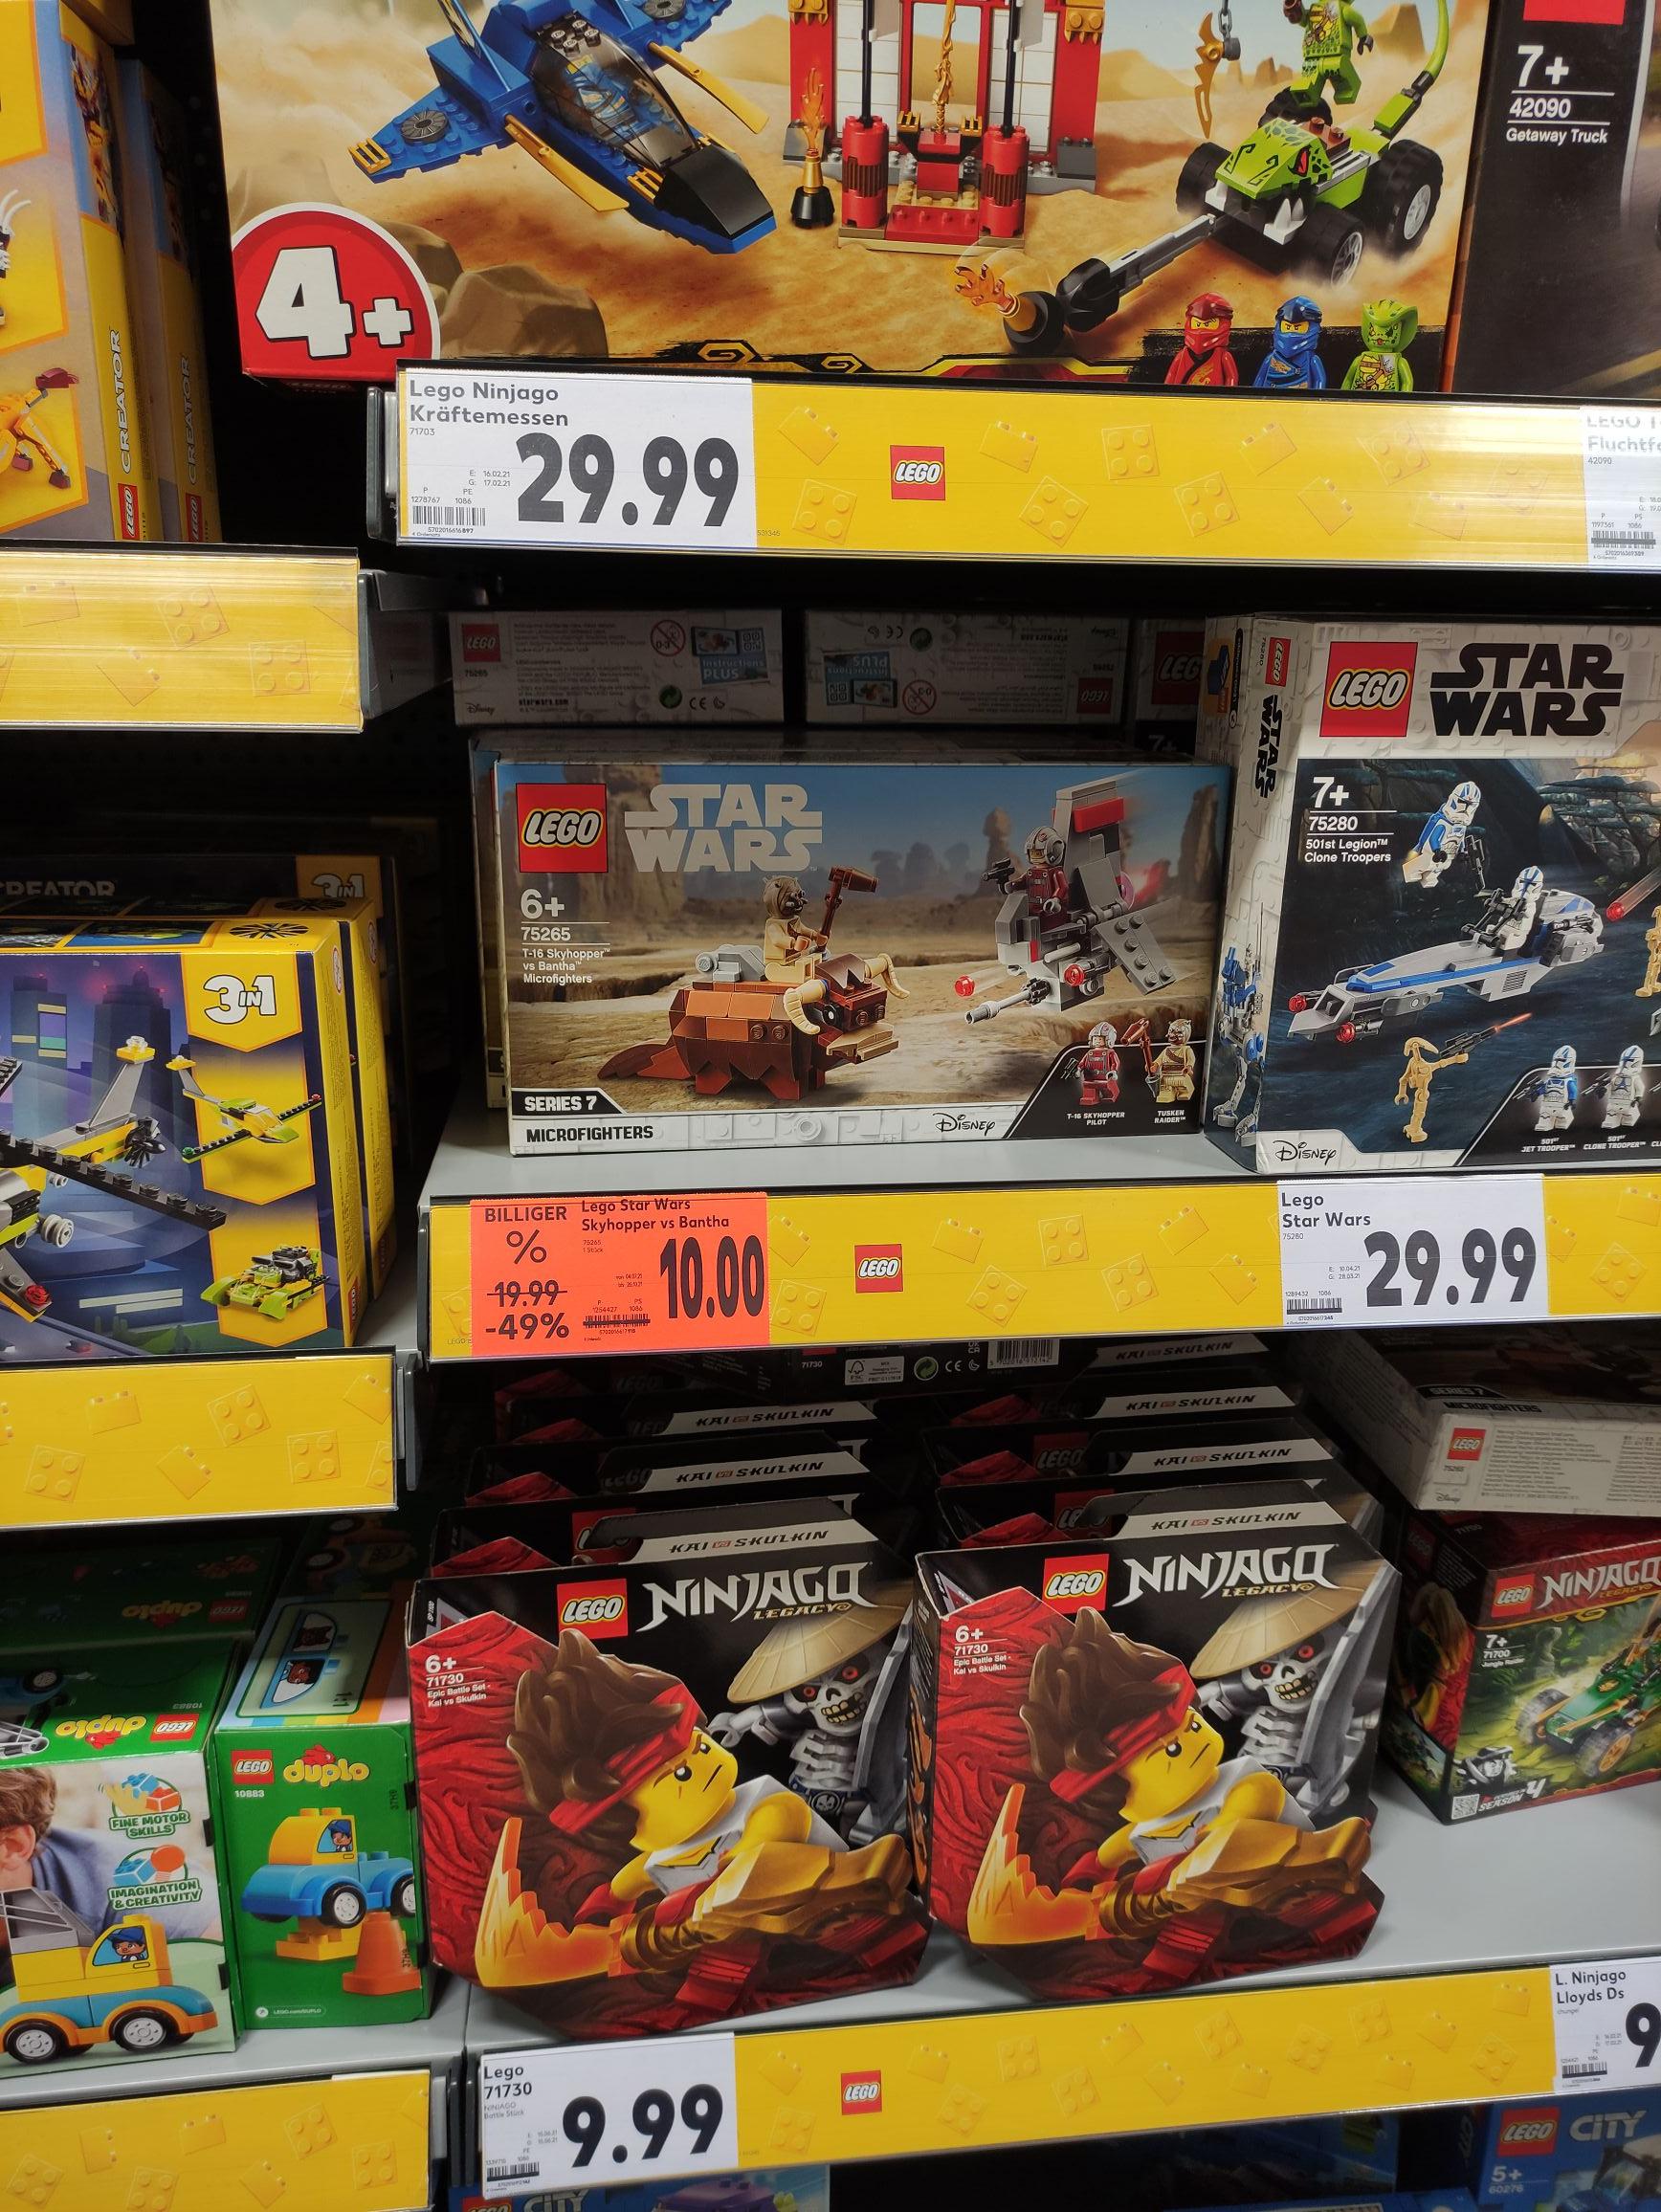 [offline] Kaufland - LEGO®Star Wars zum Bestpreis 75265 (10€) & 75269 (3,20€)